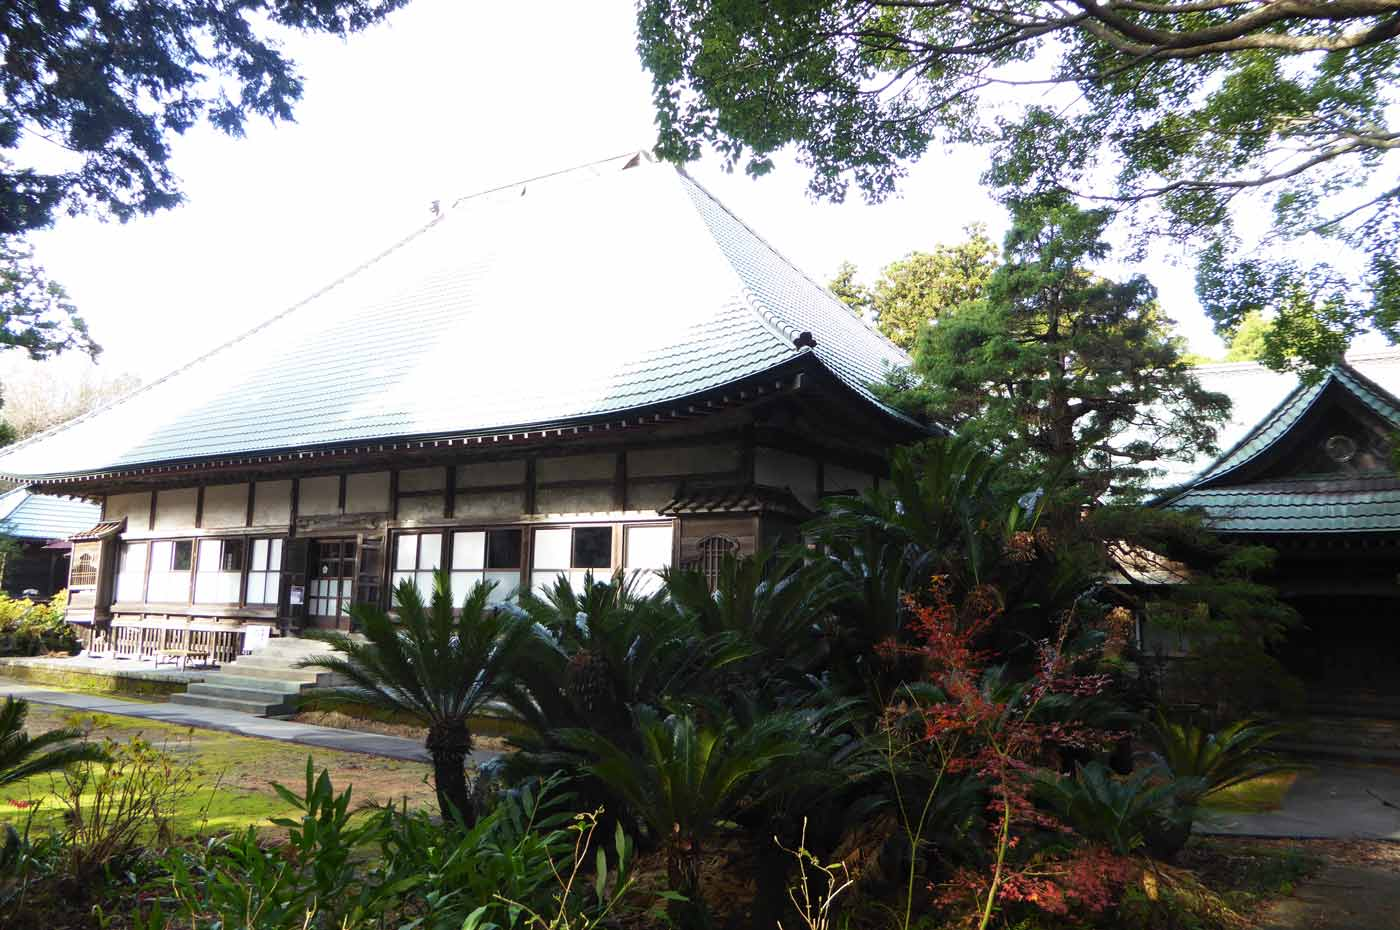 円蔵院本堂の画像